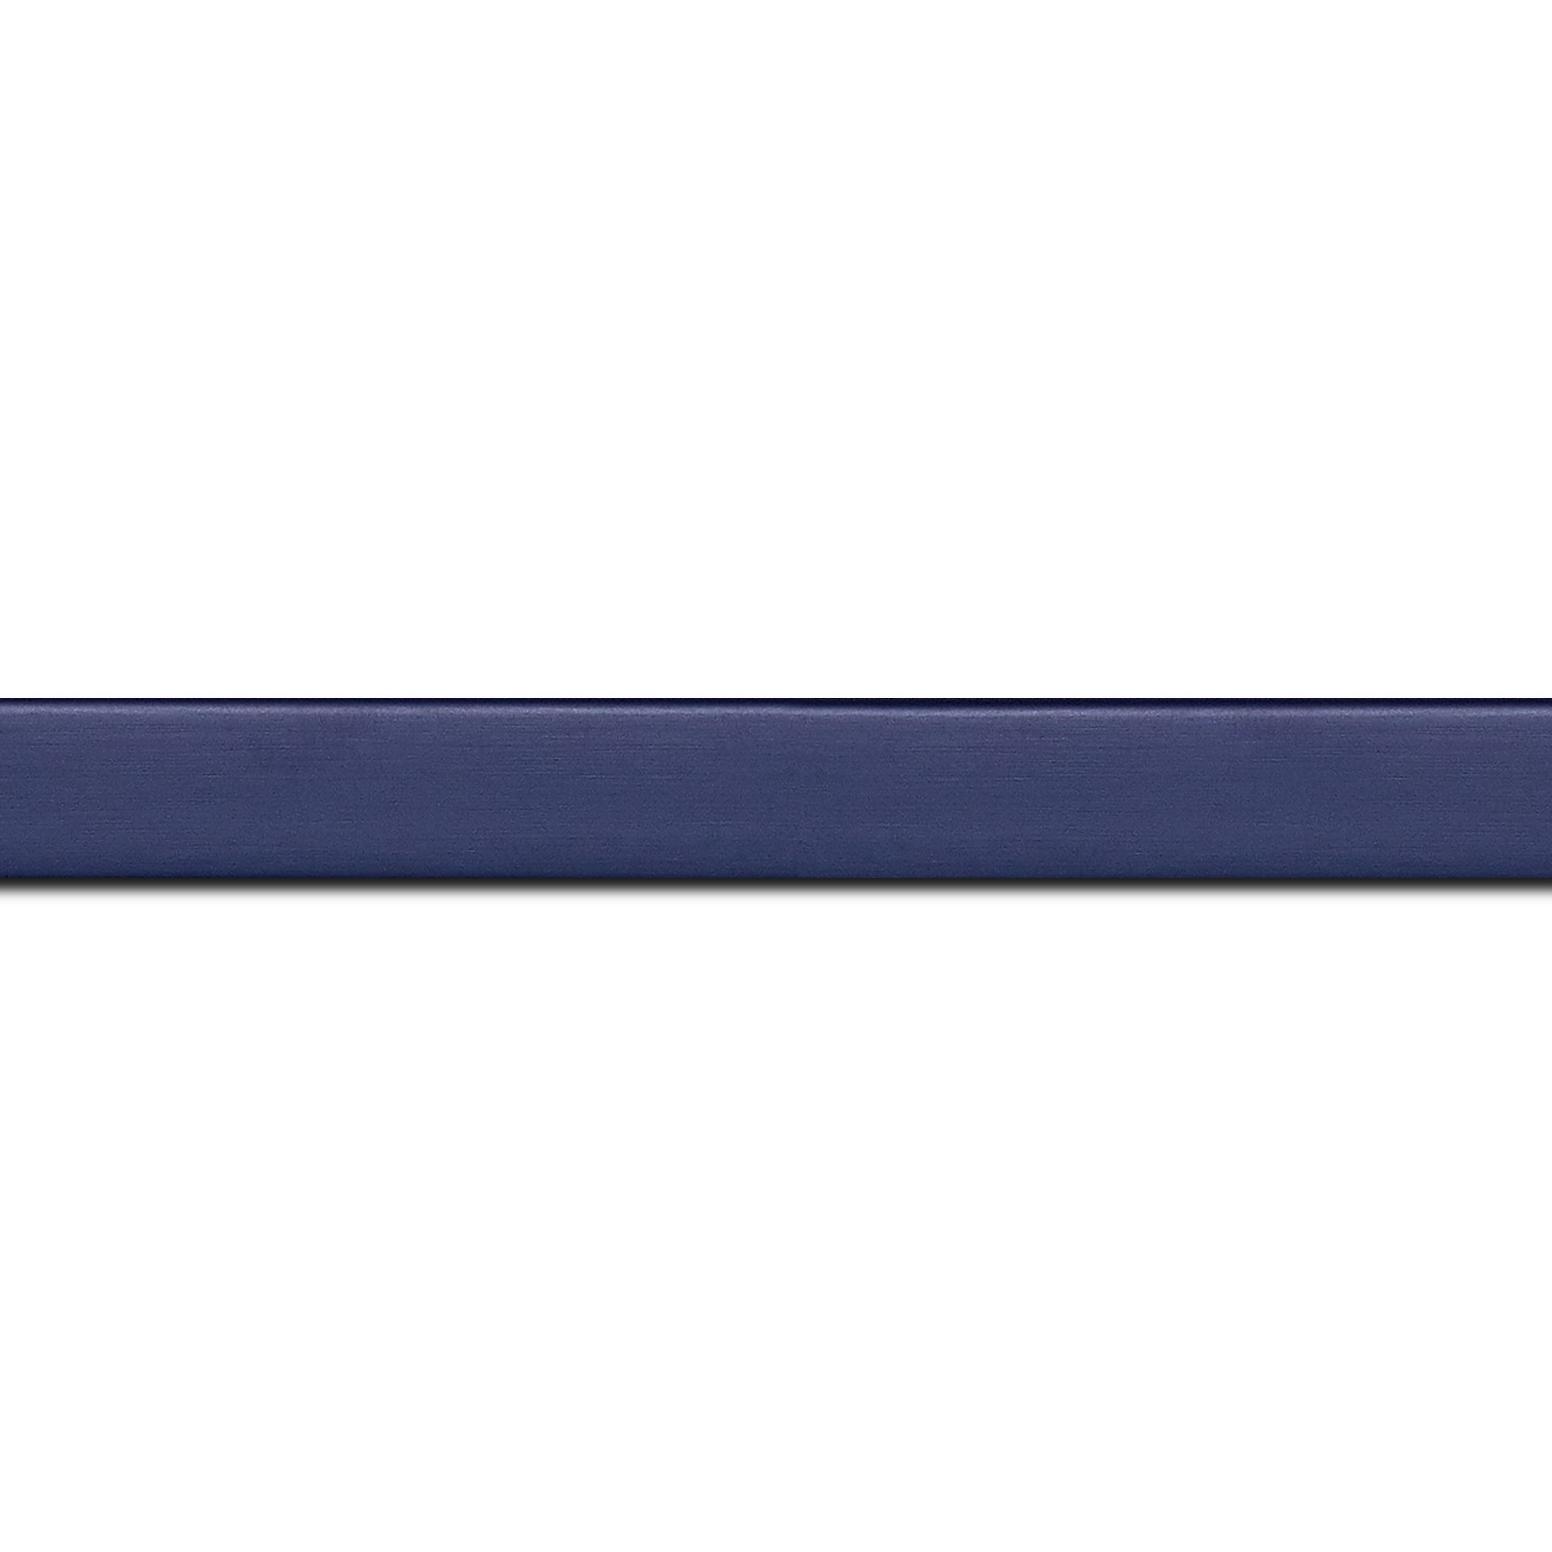 Baguette longueur 1.40m bois profil plat effet cube largeur 1.7cm couleur bleu nuit satiné